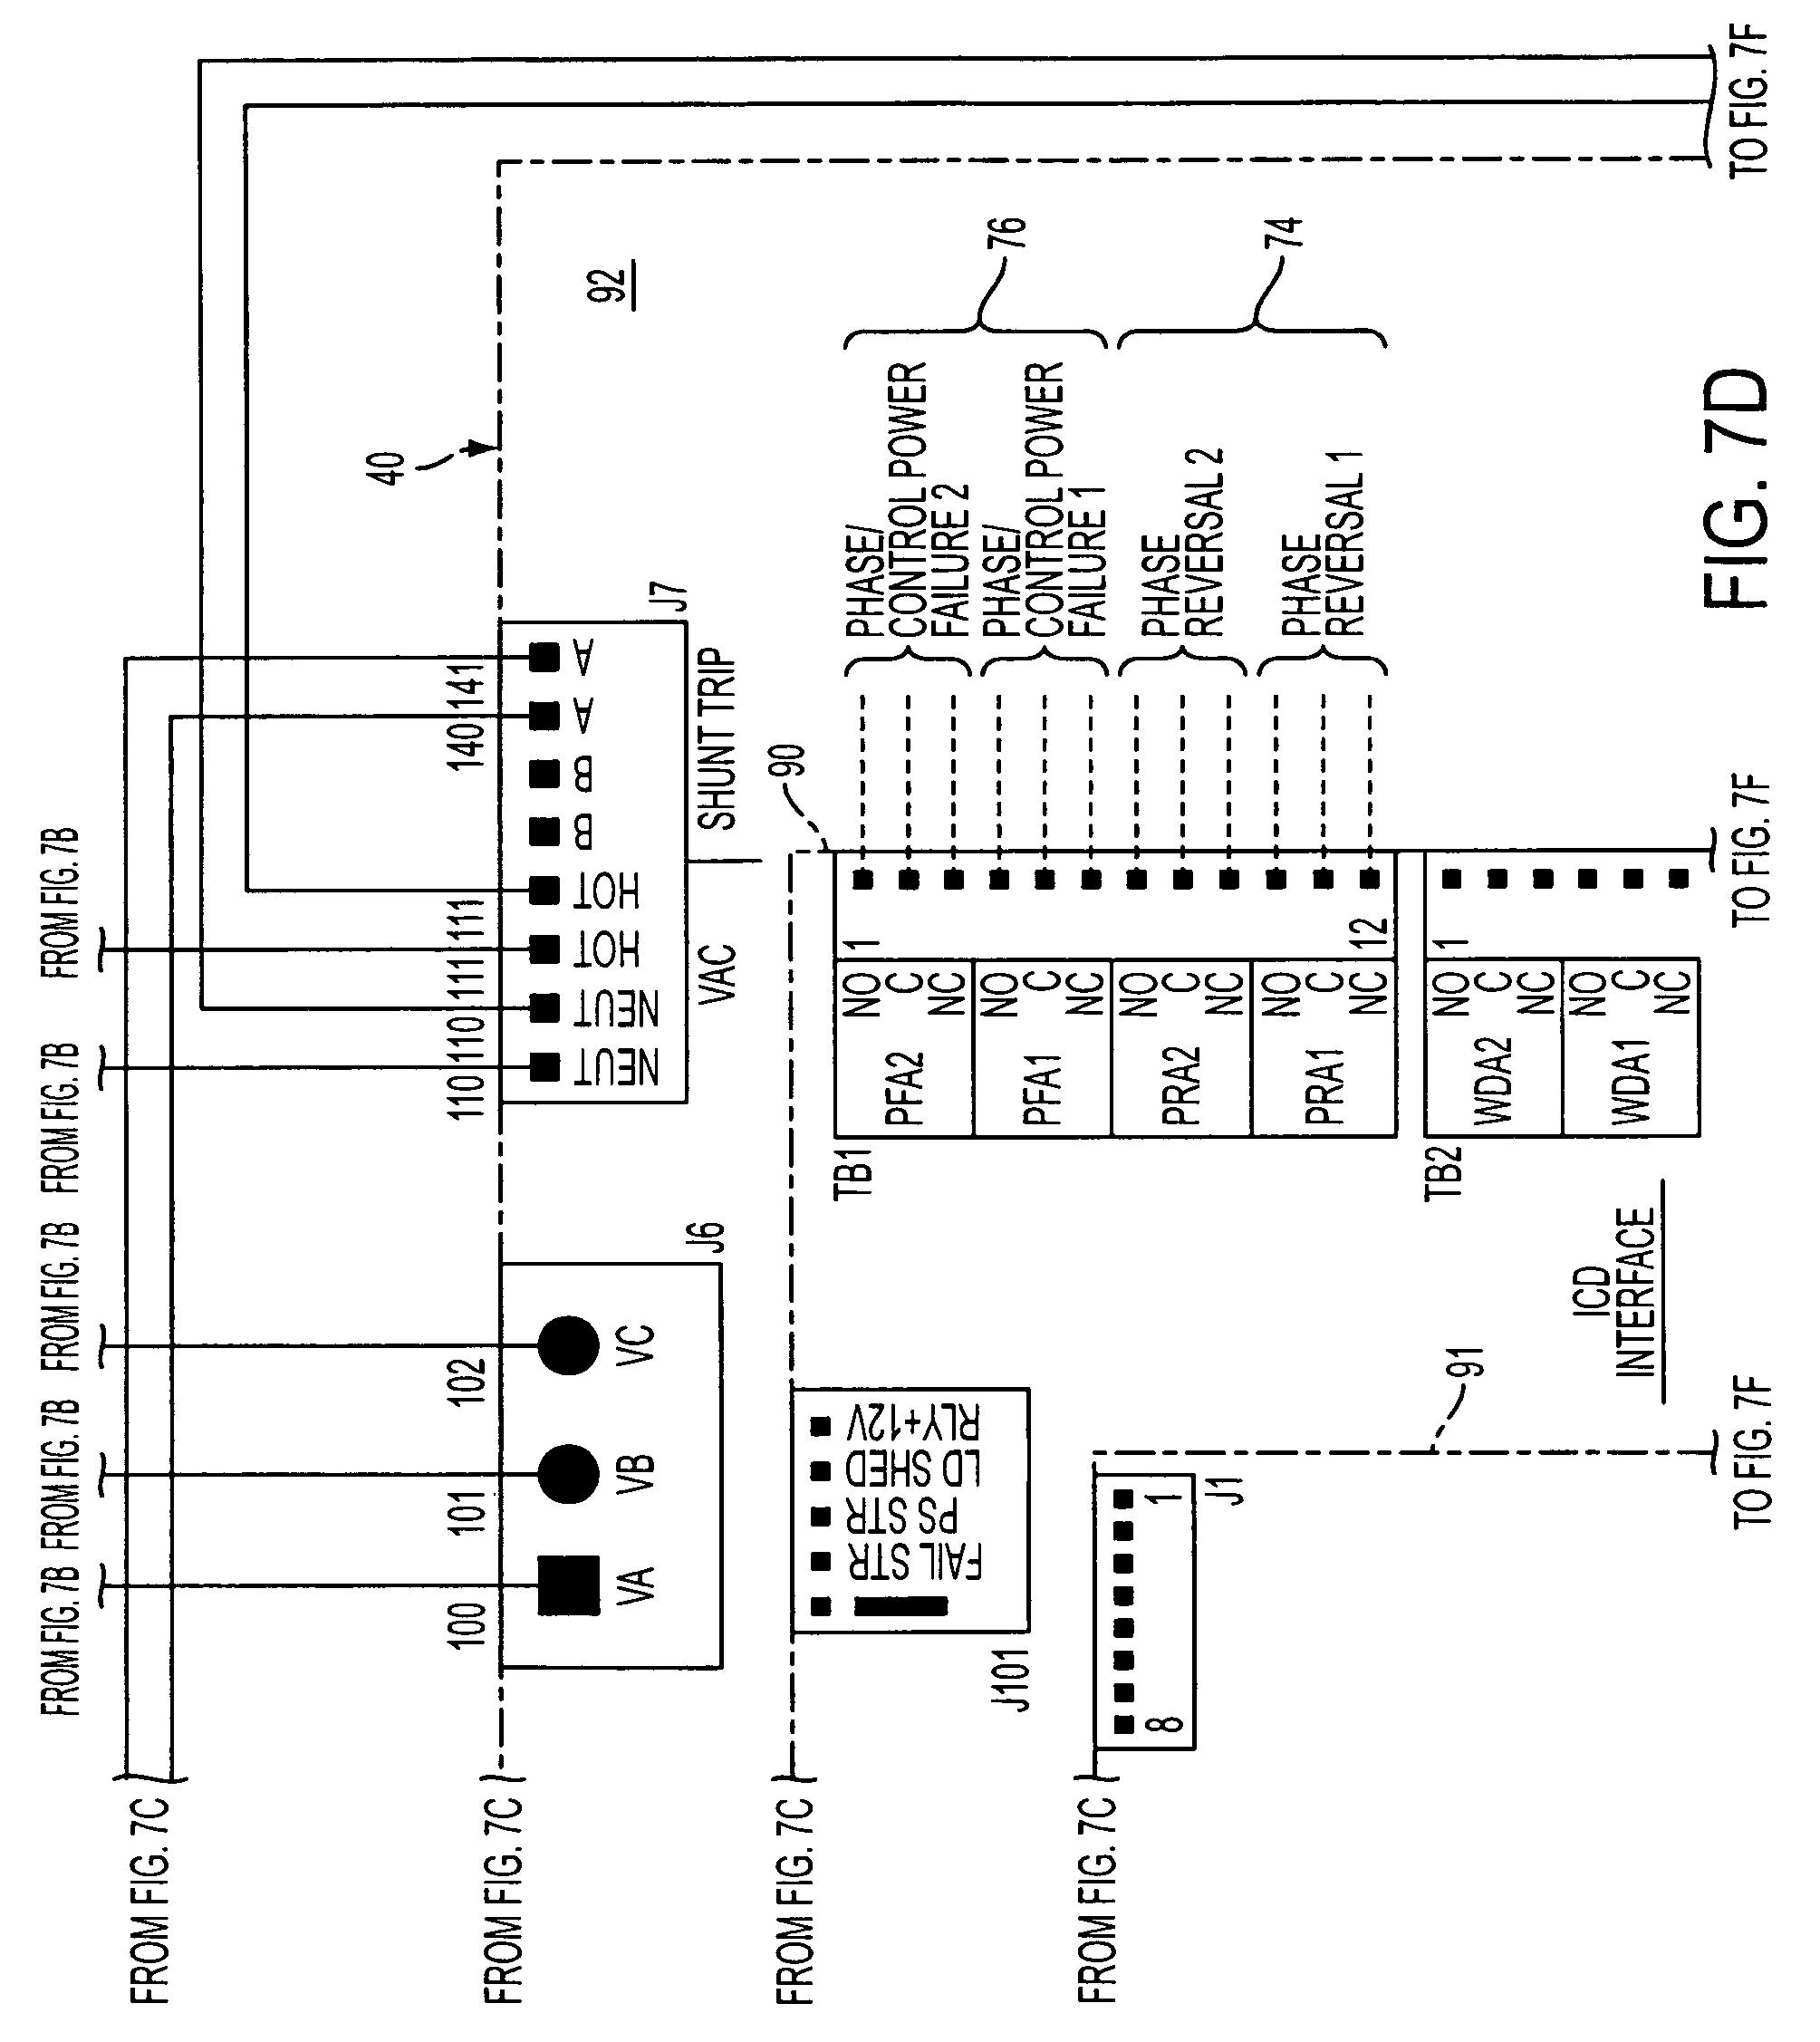 Sensational Kobelco Wiring Diagrams Wiring Diagram Wiring Cloud Intelaidewilluminateatxorg